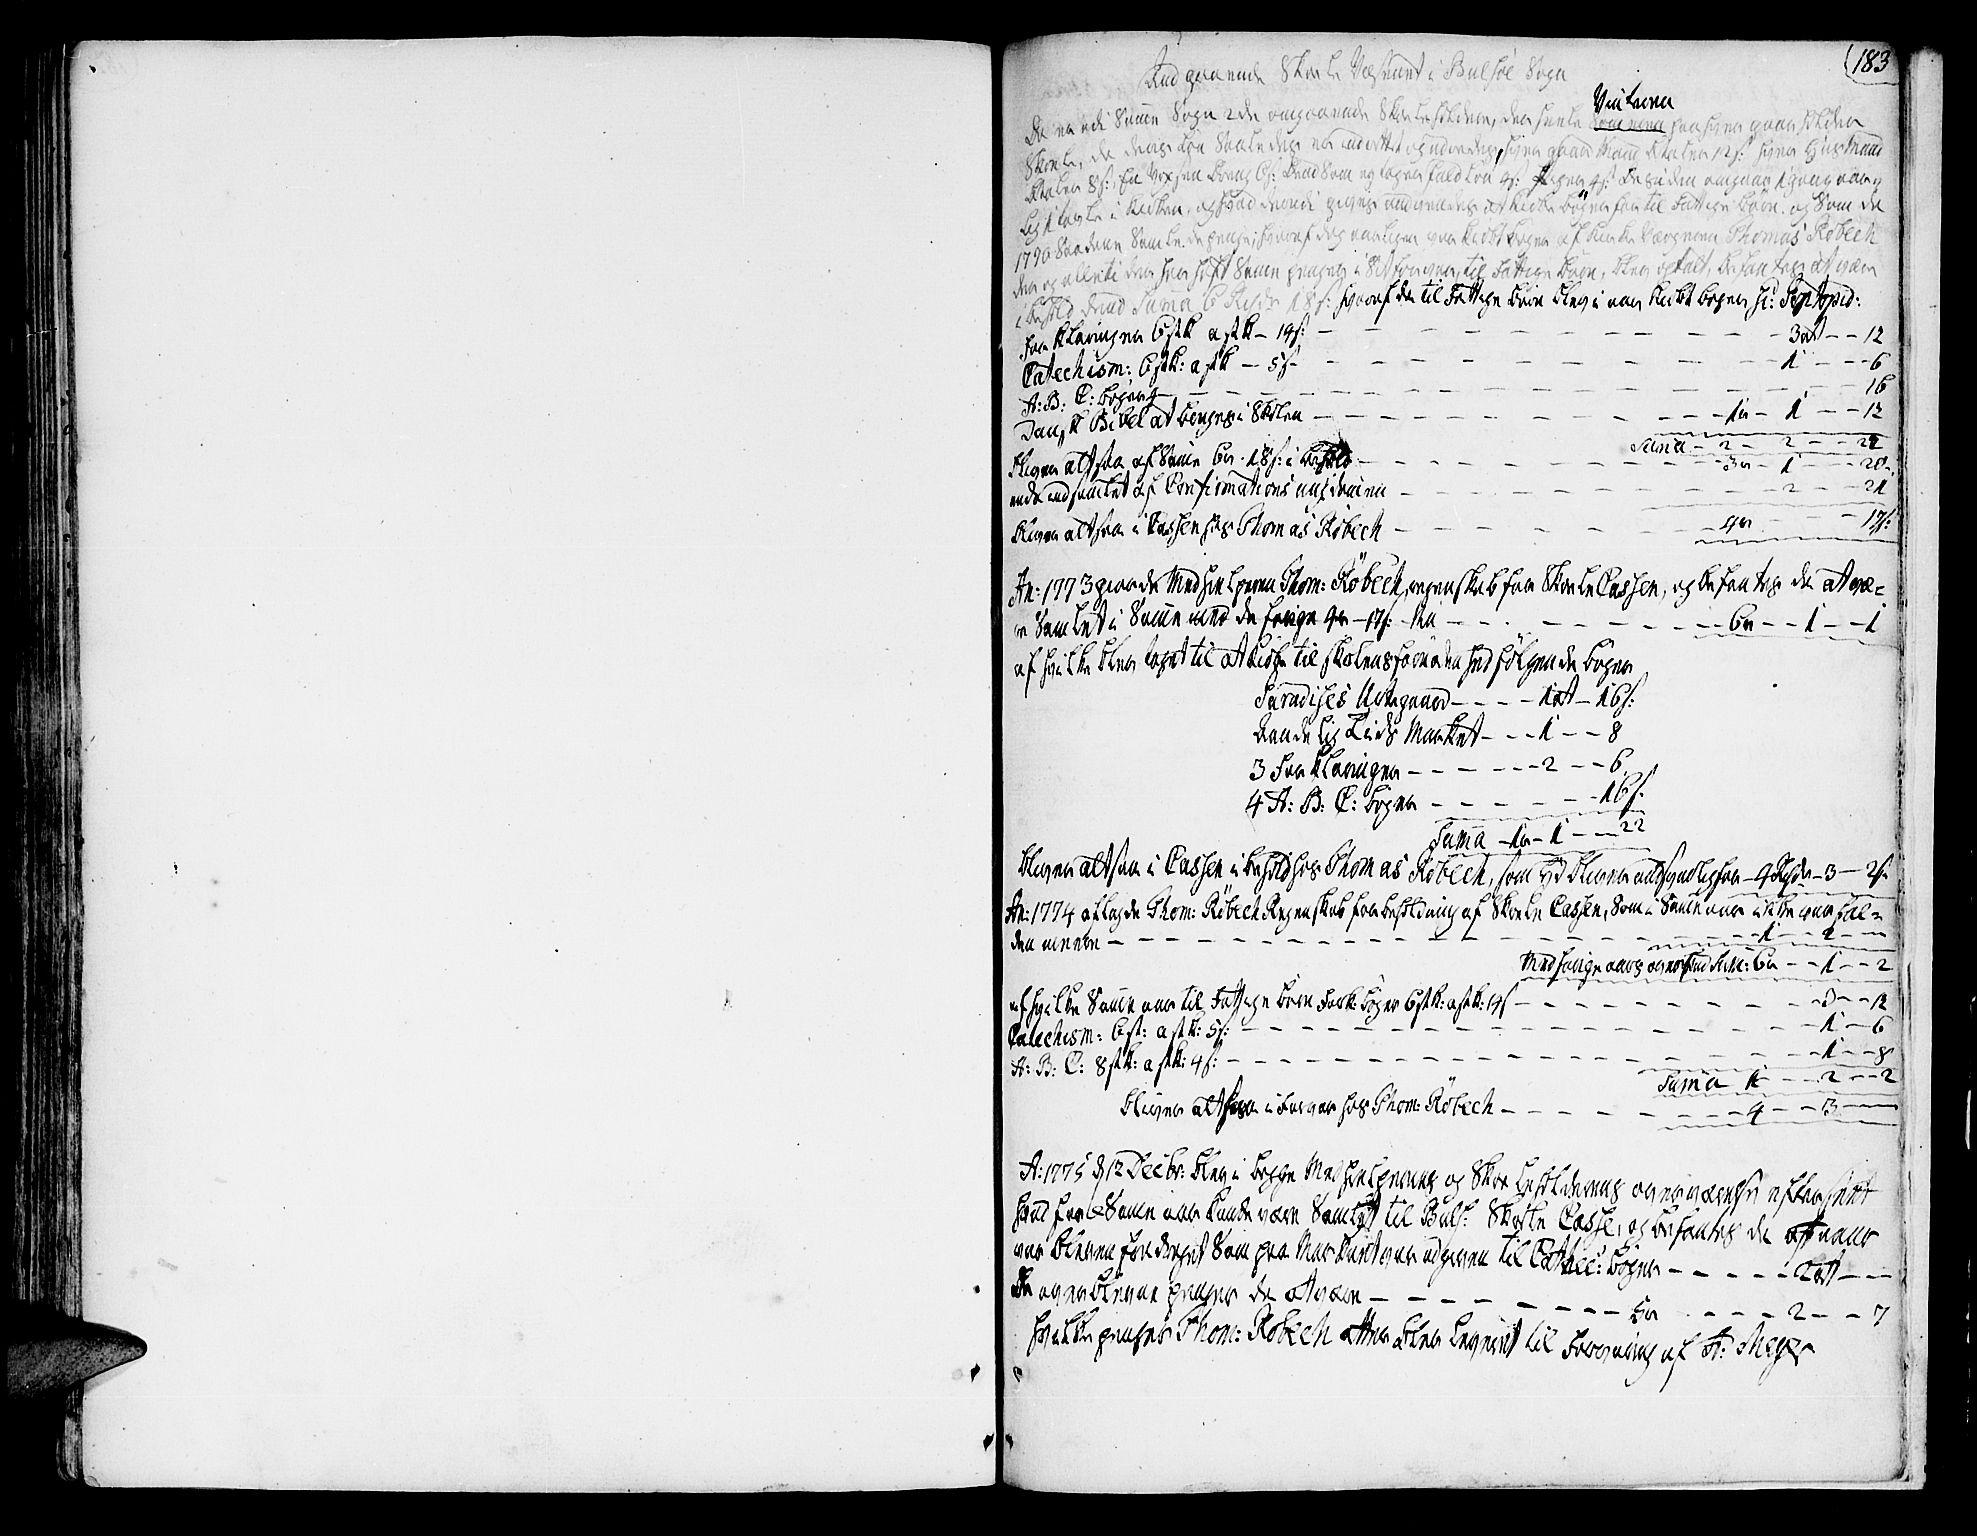 SAT, Ministerialprotokoller, klokkerbøker og fødselsregistre - Møre og Romsdal, 555/L0648: Ministerialbok nr. 555A01, 1759-1793, s. 183